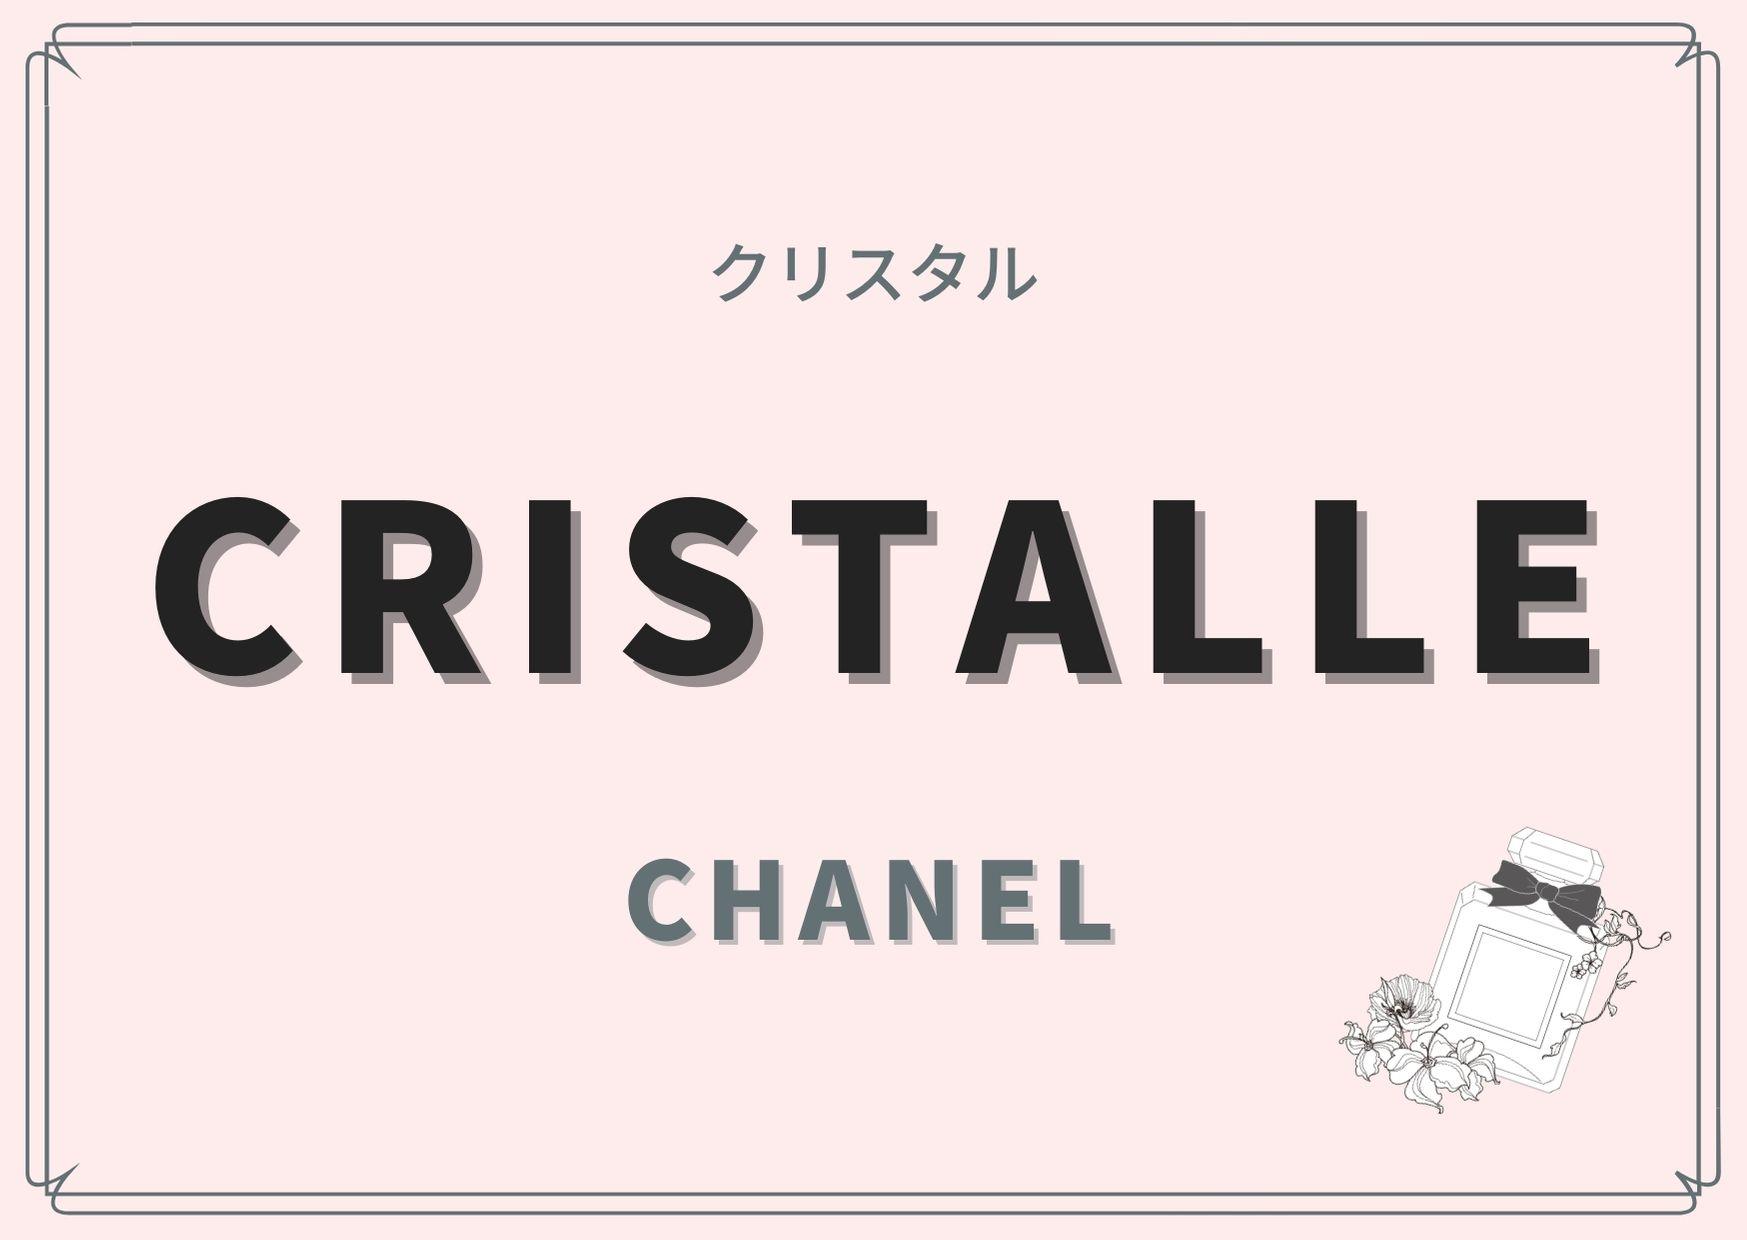 Cristalle(クリスタル)/CHANEL(シャネル)